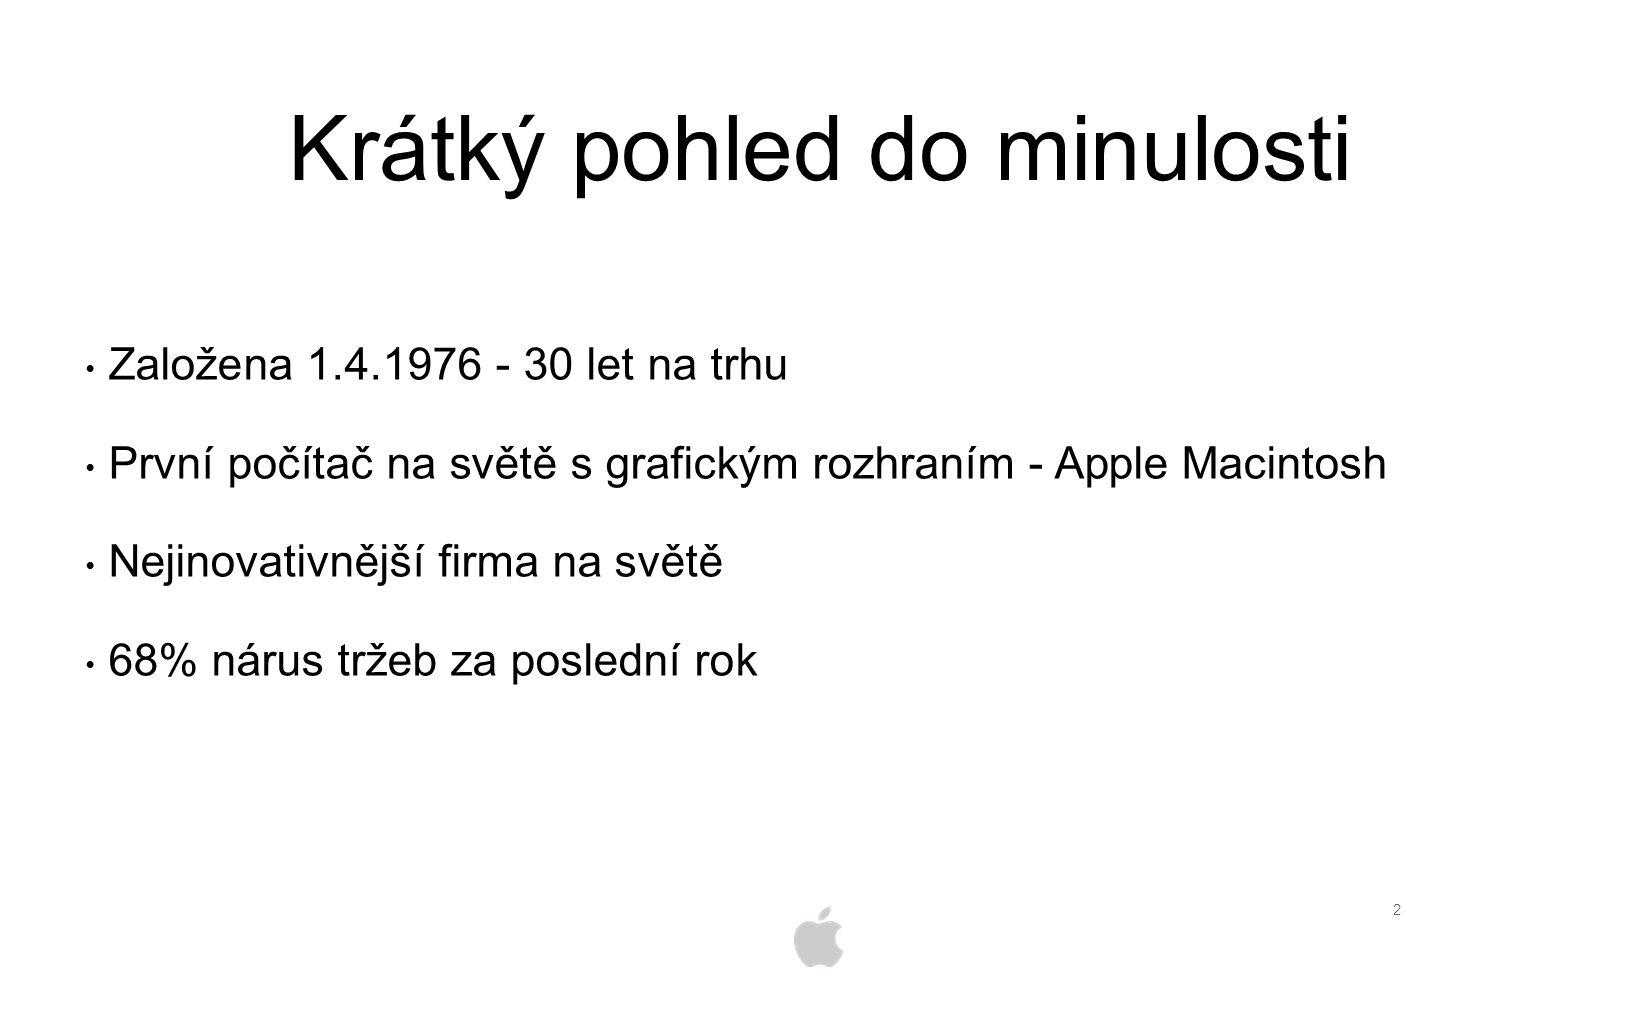 2 Založena 1.4.1976 - 30 let na trhu První počítač na světě s grafickým rozhraním - Apple Macintosh Nejinovativnější firma na světě 68% nárus tržeb za